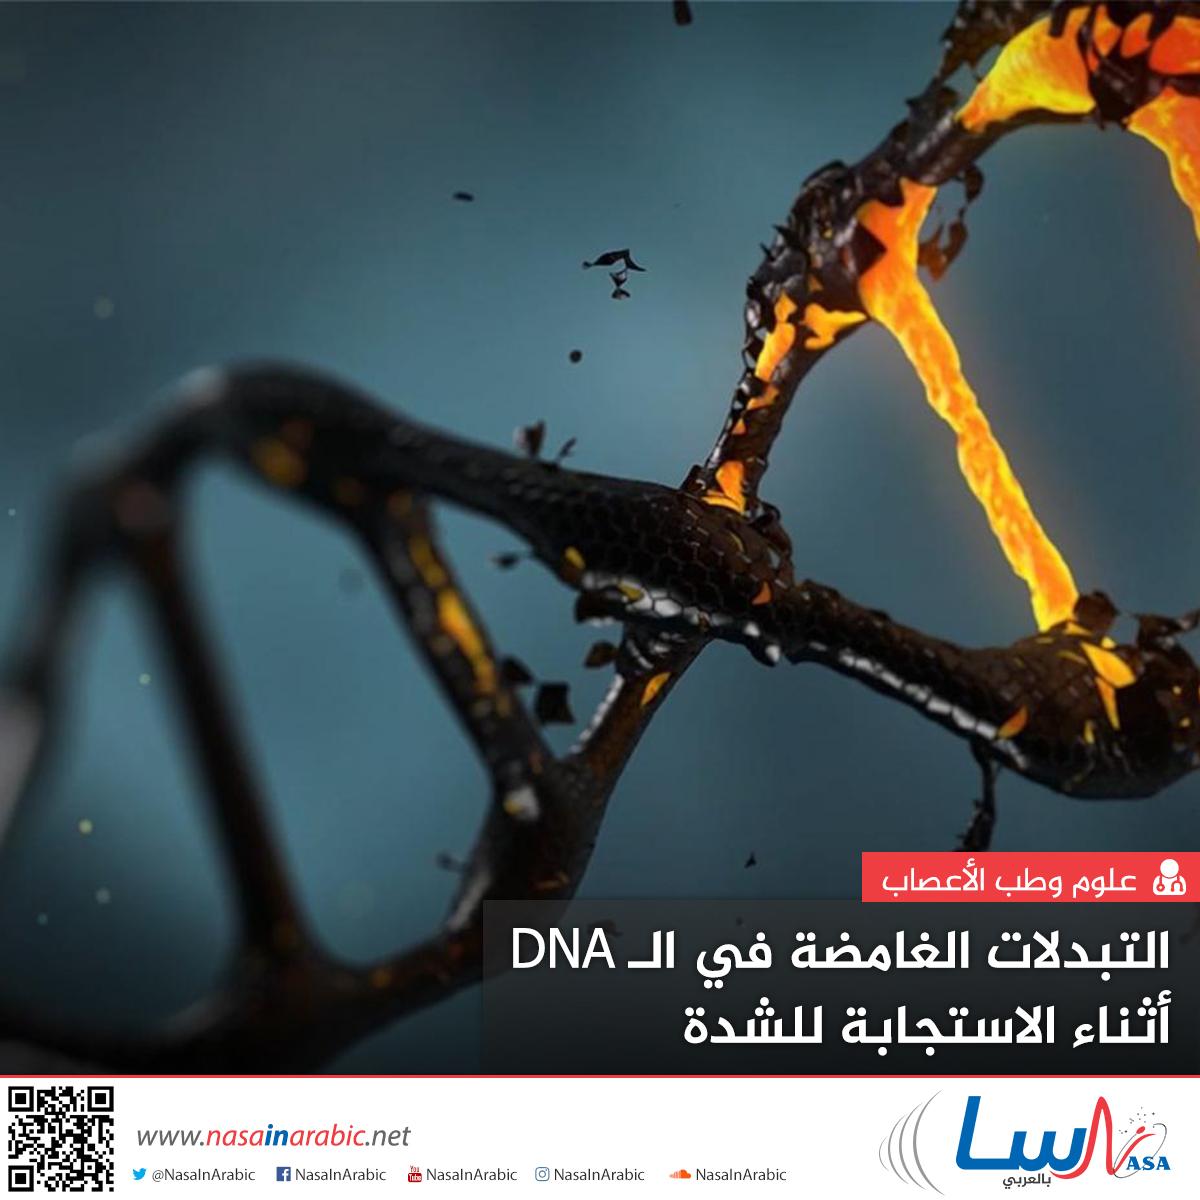 التبدلات الغامضة في الـ DNA أثناء الاستجابة للشدة